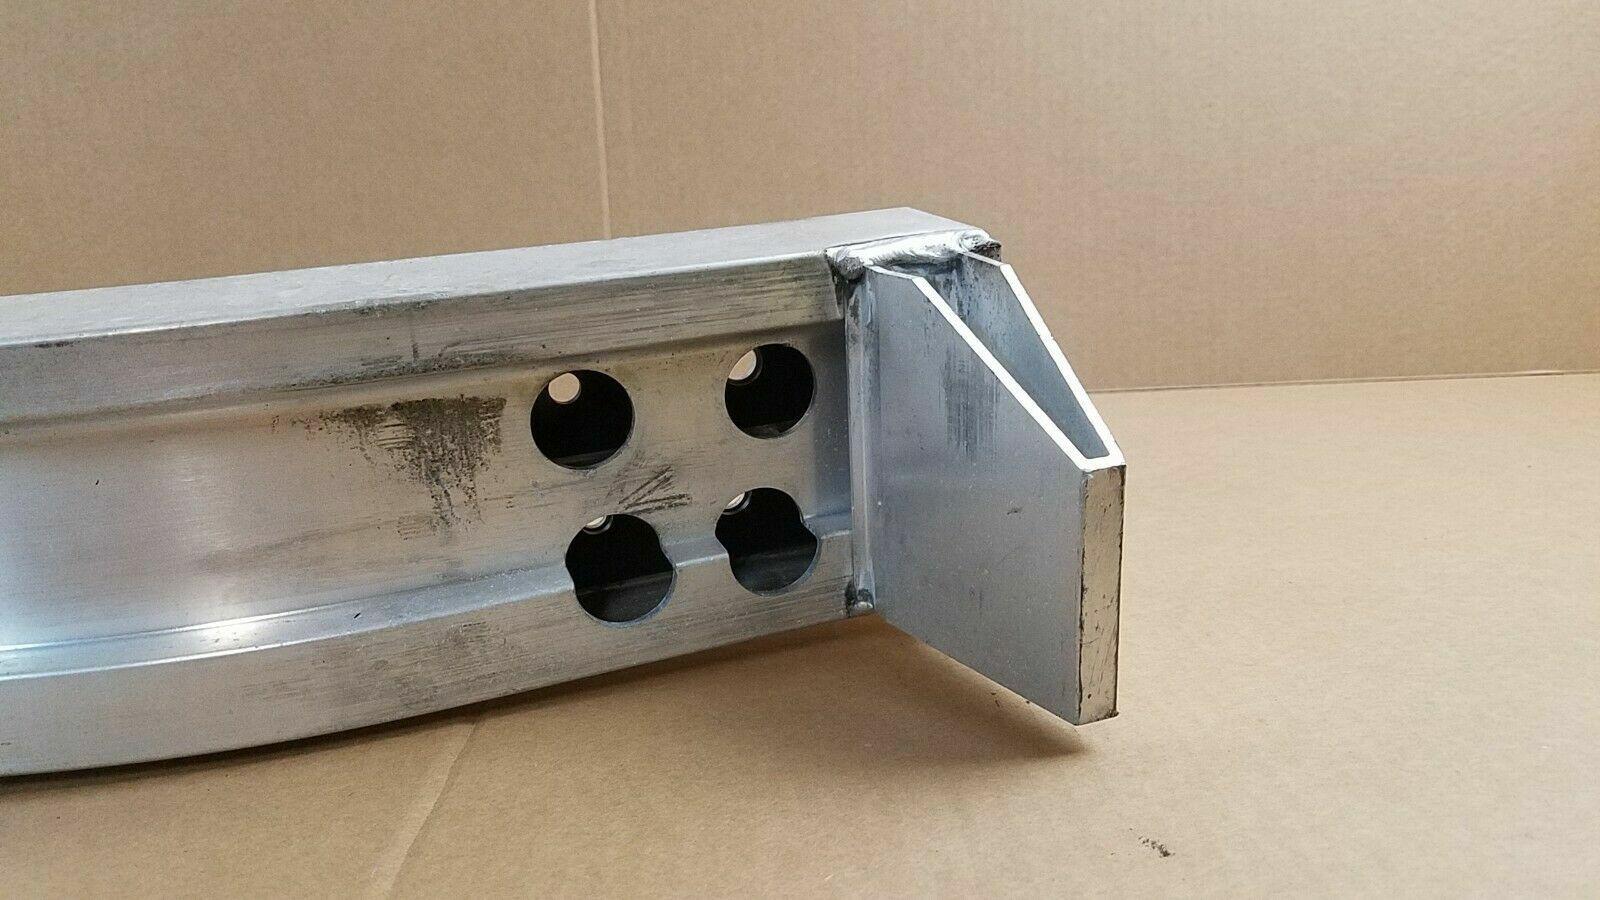 OEM INFINITI FX35 FX37 FX50 QX70 FRONT BUMPER REINFORCEMENT IMPACT BAR